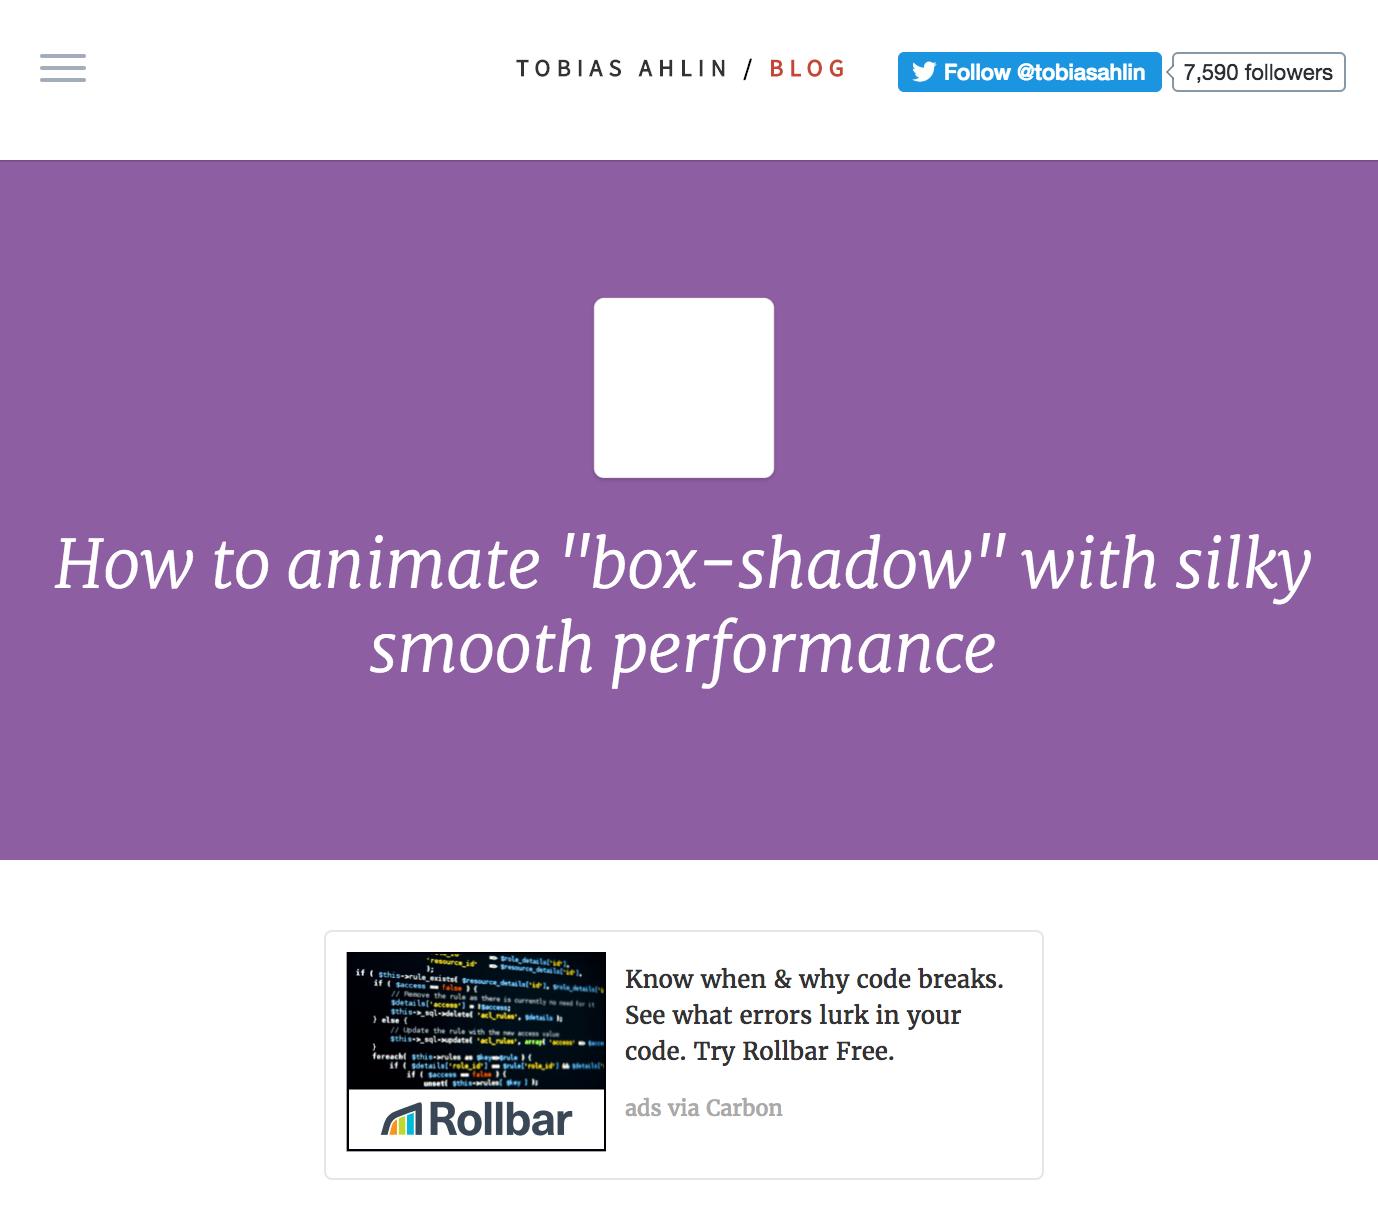 Rollbar ad on Tobias Alhin blog